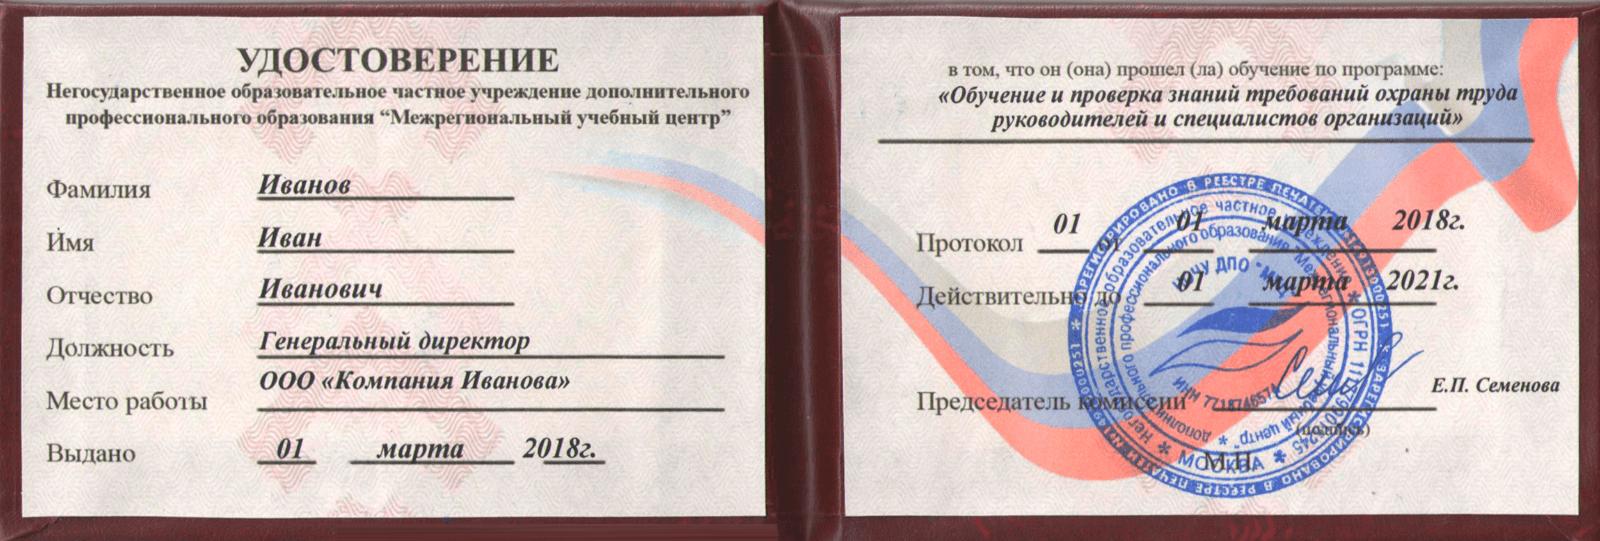 Удостоверение по охране труда 2018 года